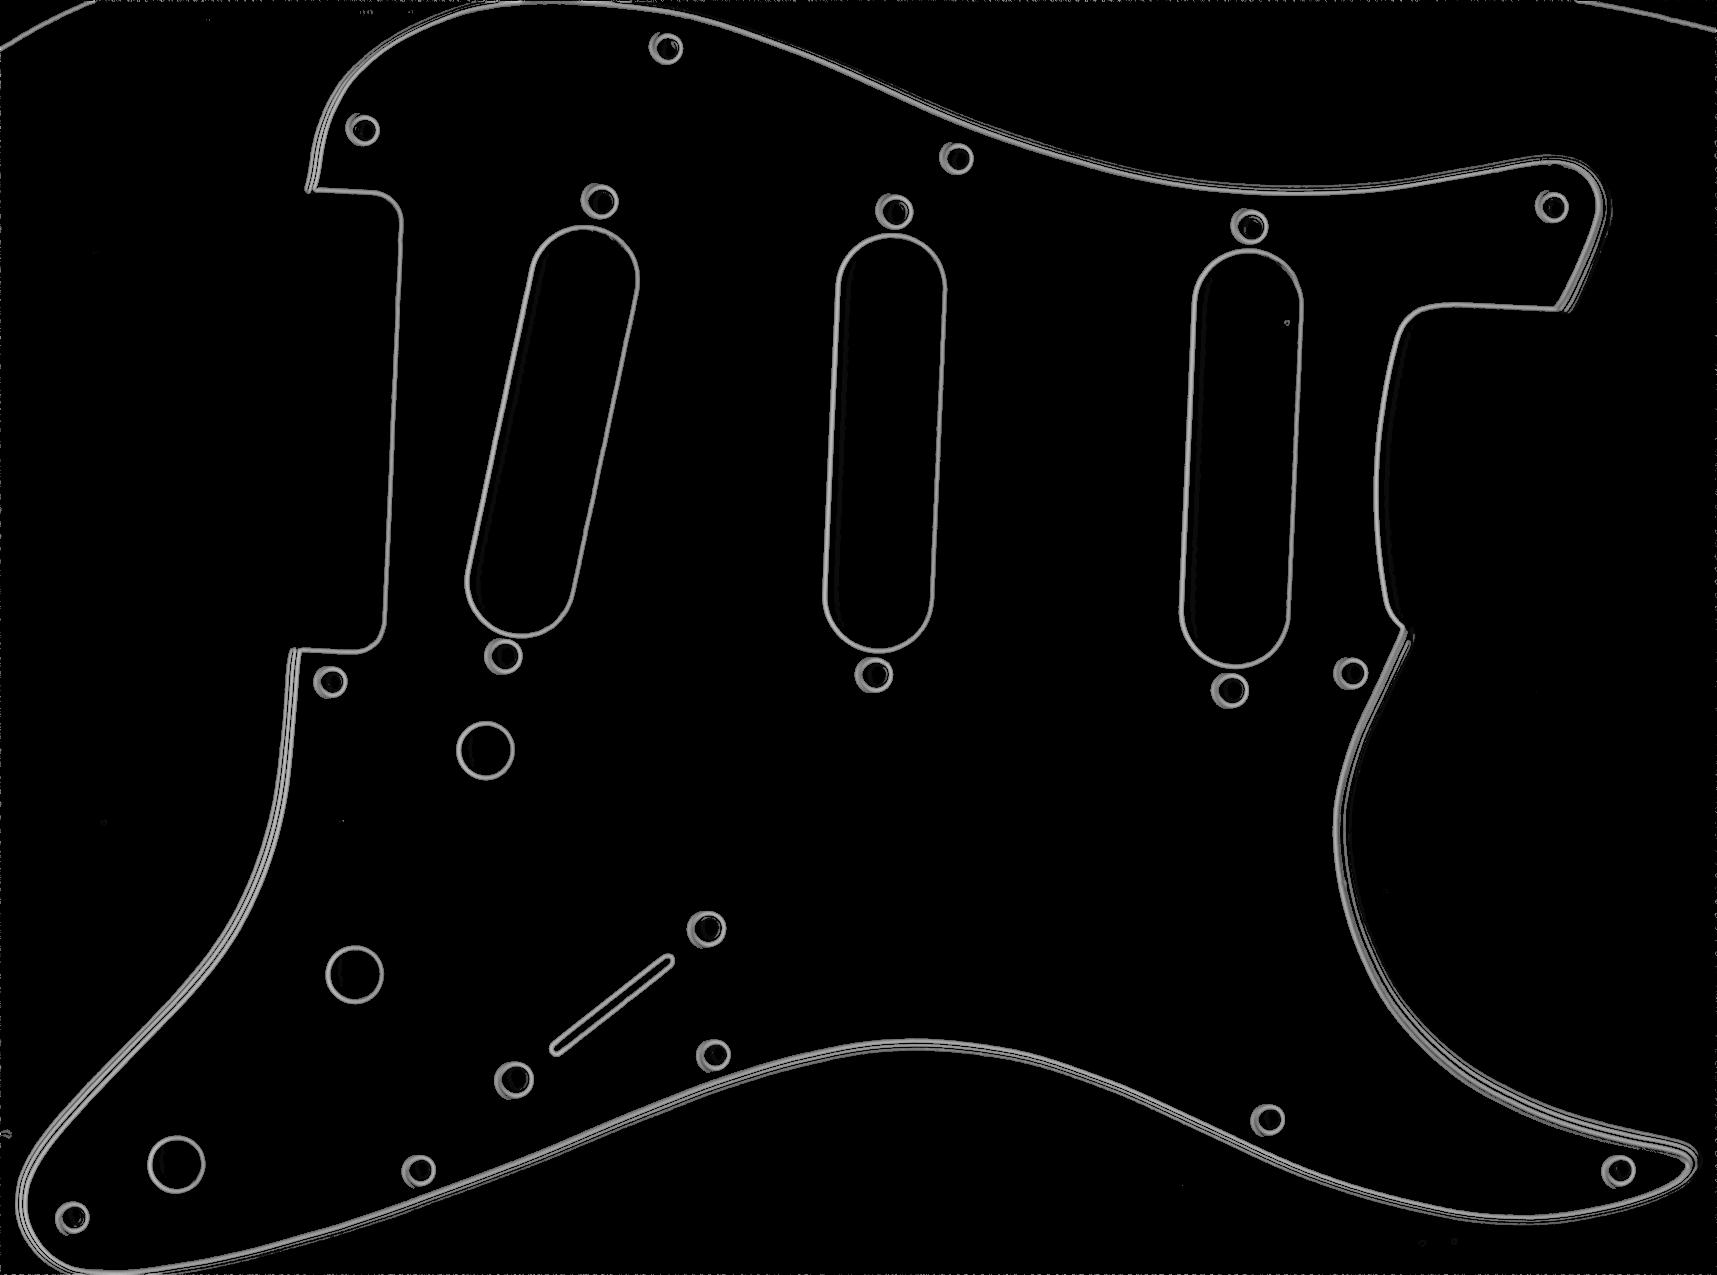 schemat /Galeria/Fender Stratocaster_wzor_pokrywy.png